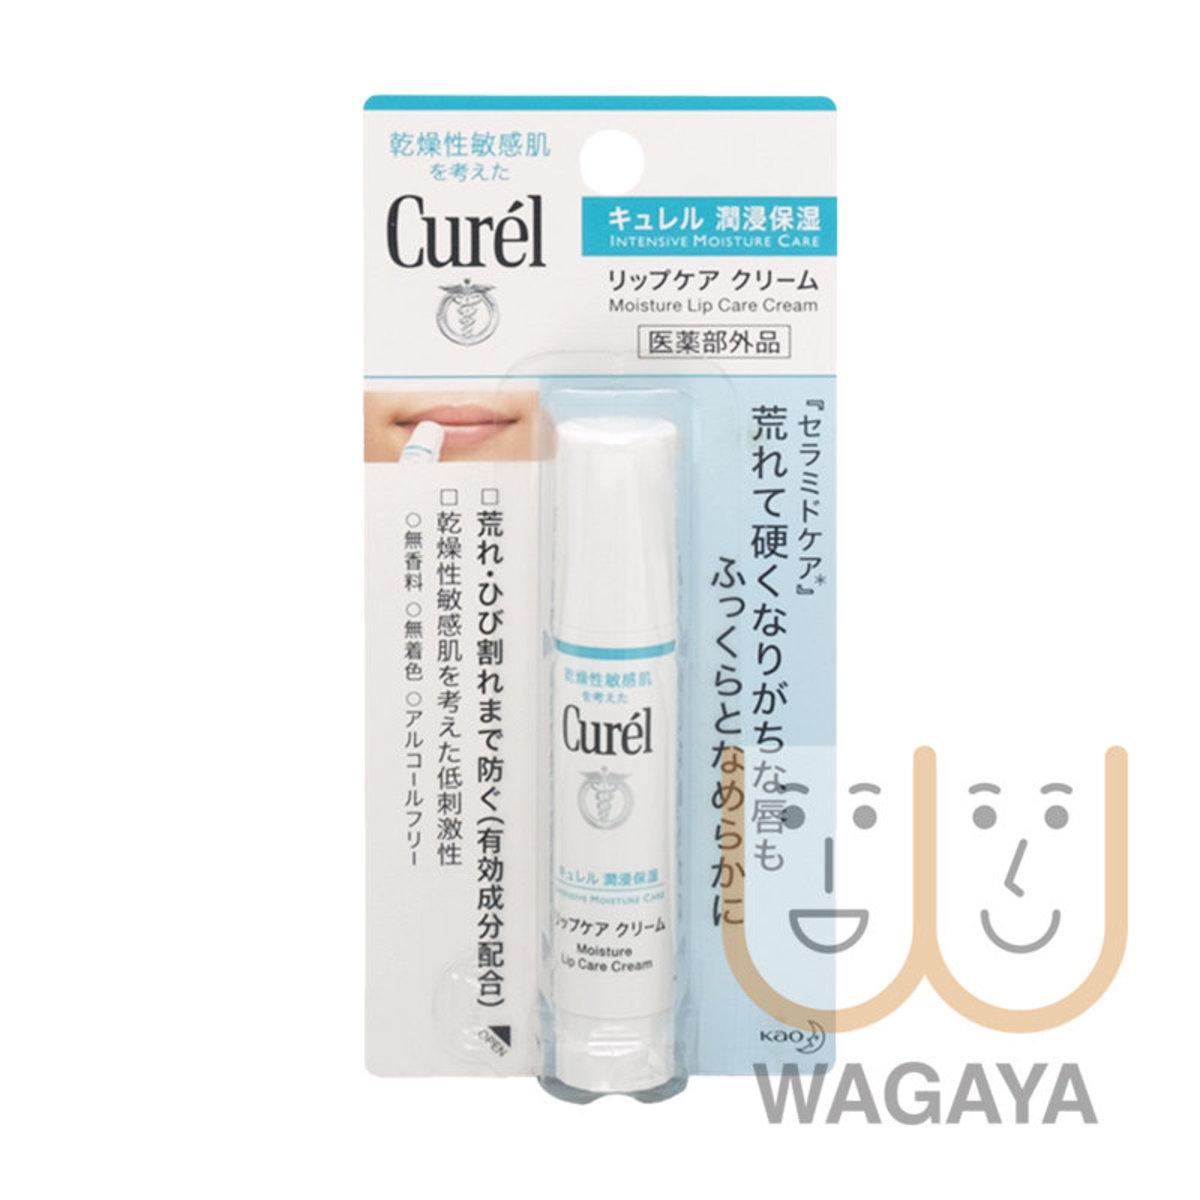 保濕潤唇膏4.2g (平行進口貨品)